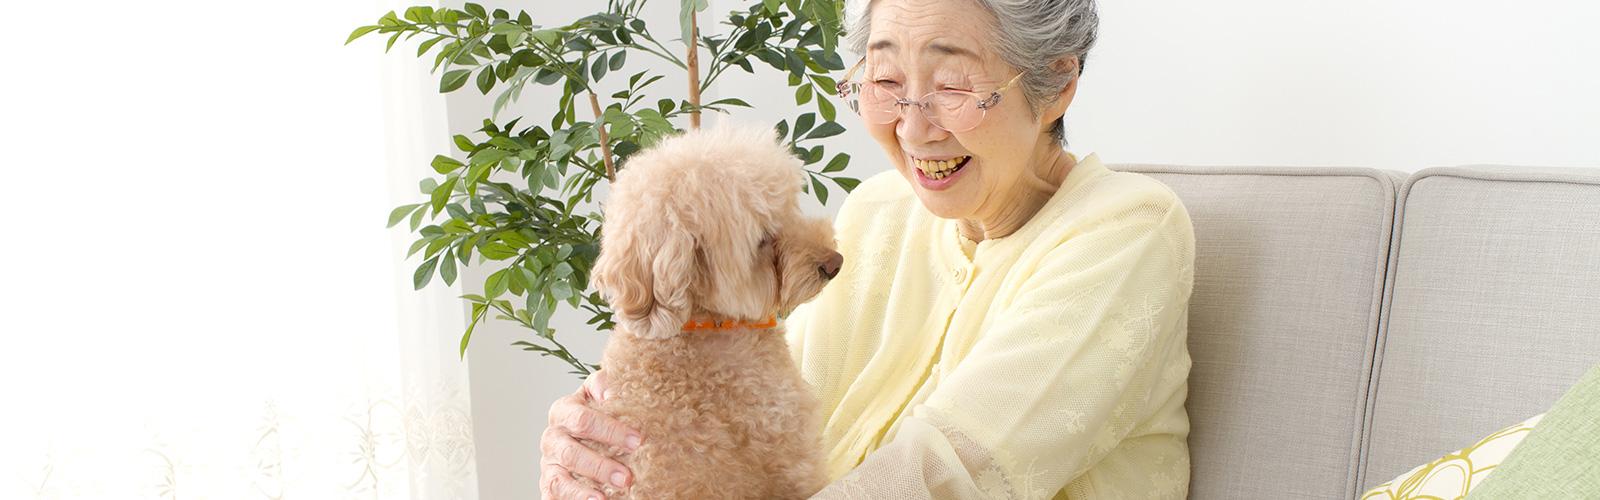 ペットのための信託について